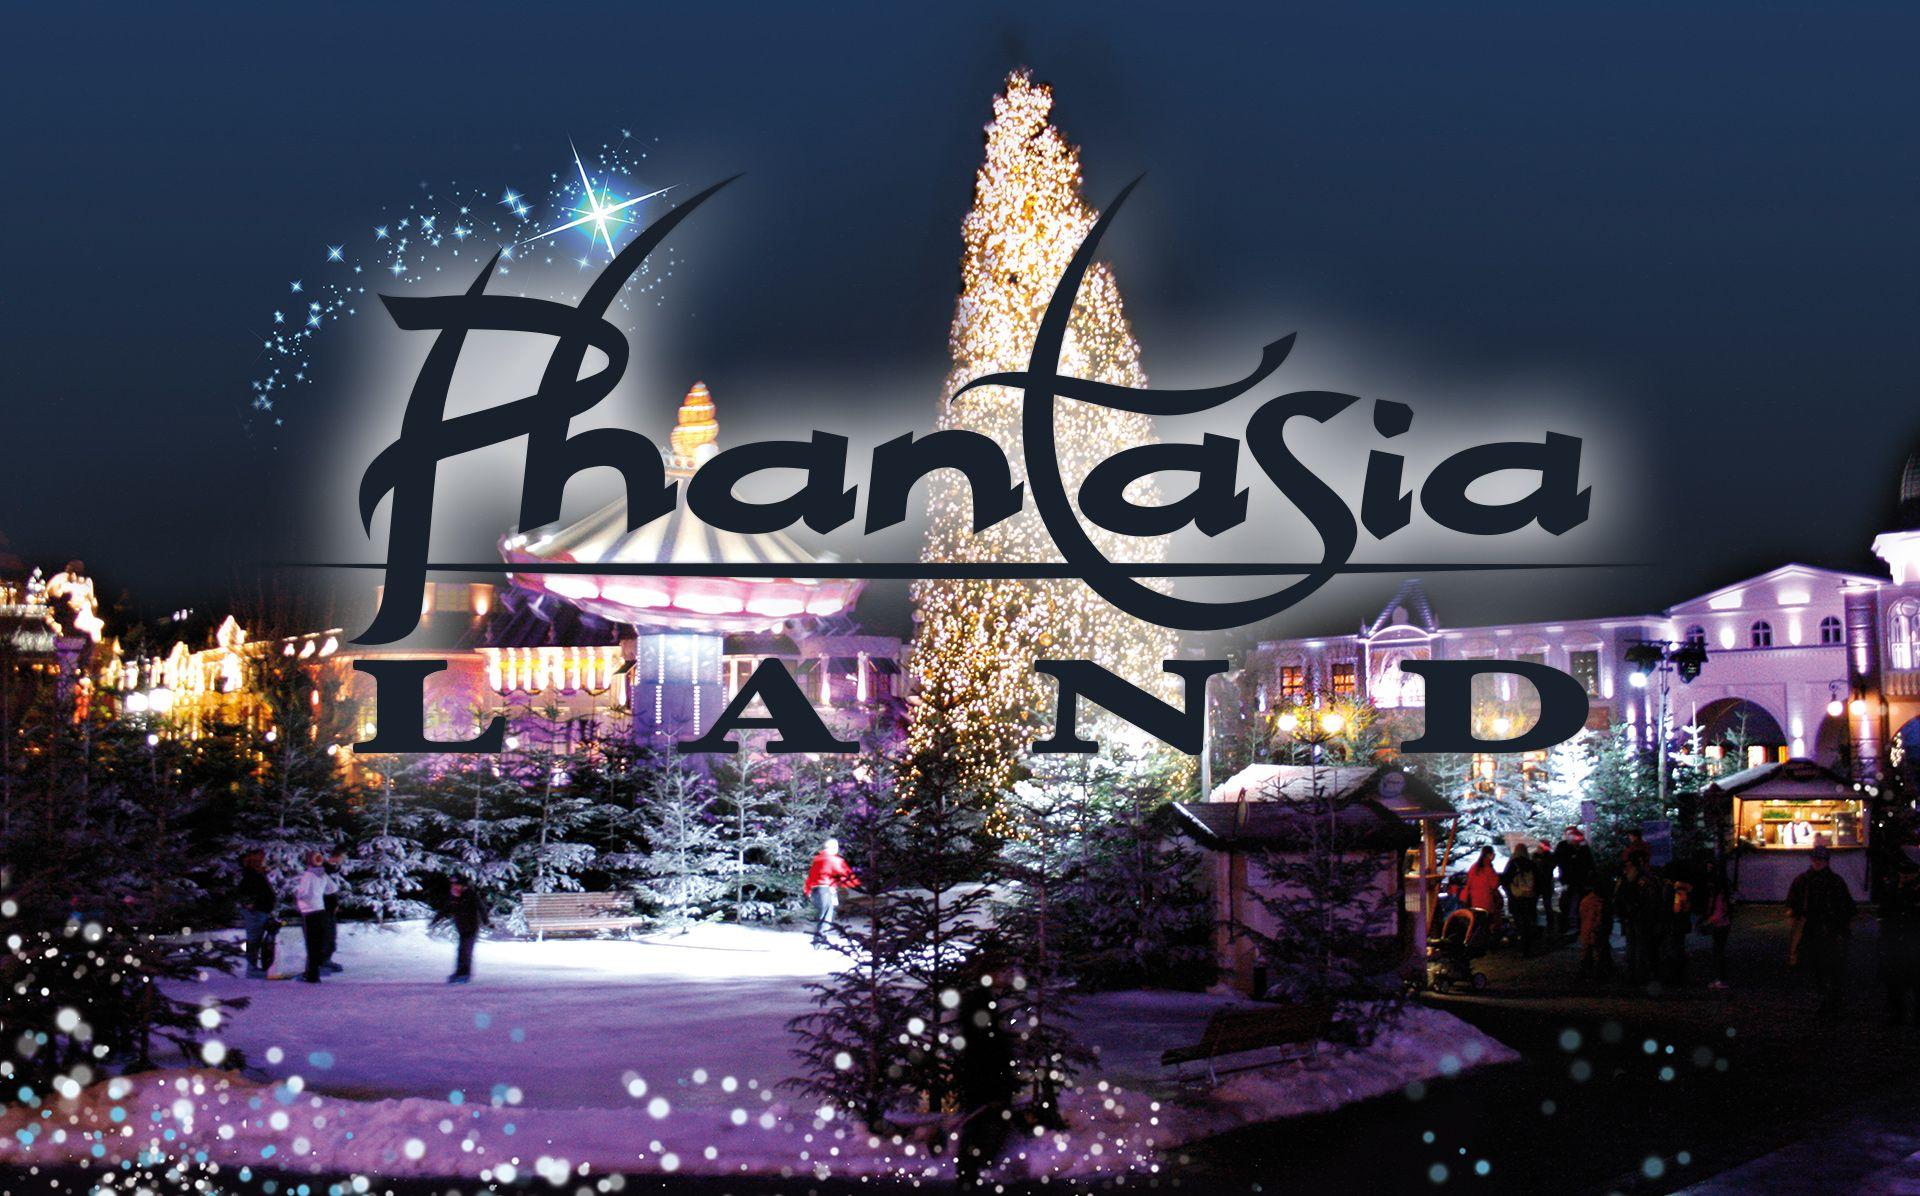 Phantasialand Wintertraum 2015 Steht Bevor Action Spass Und Magie Pur Ab 21 November Phantasialand Freizeitpark Ruhrgebiet